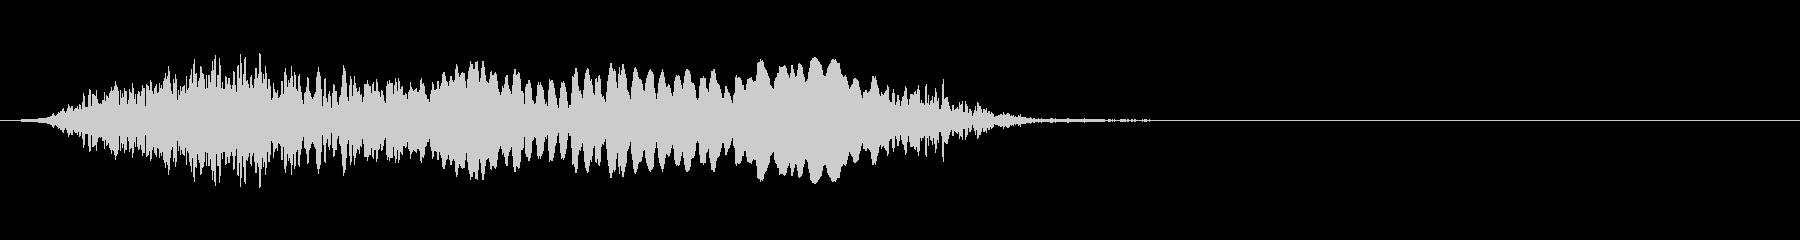 【絶叫 女性01-3】の未再生の波形